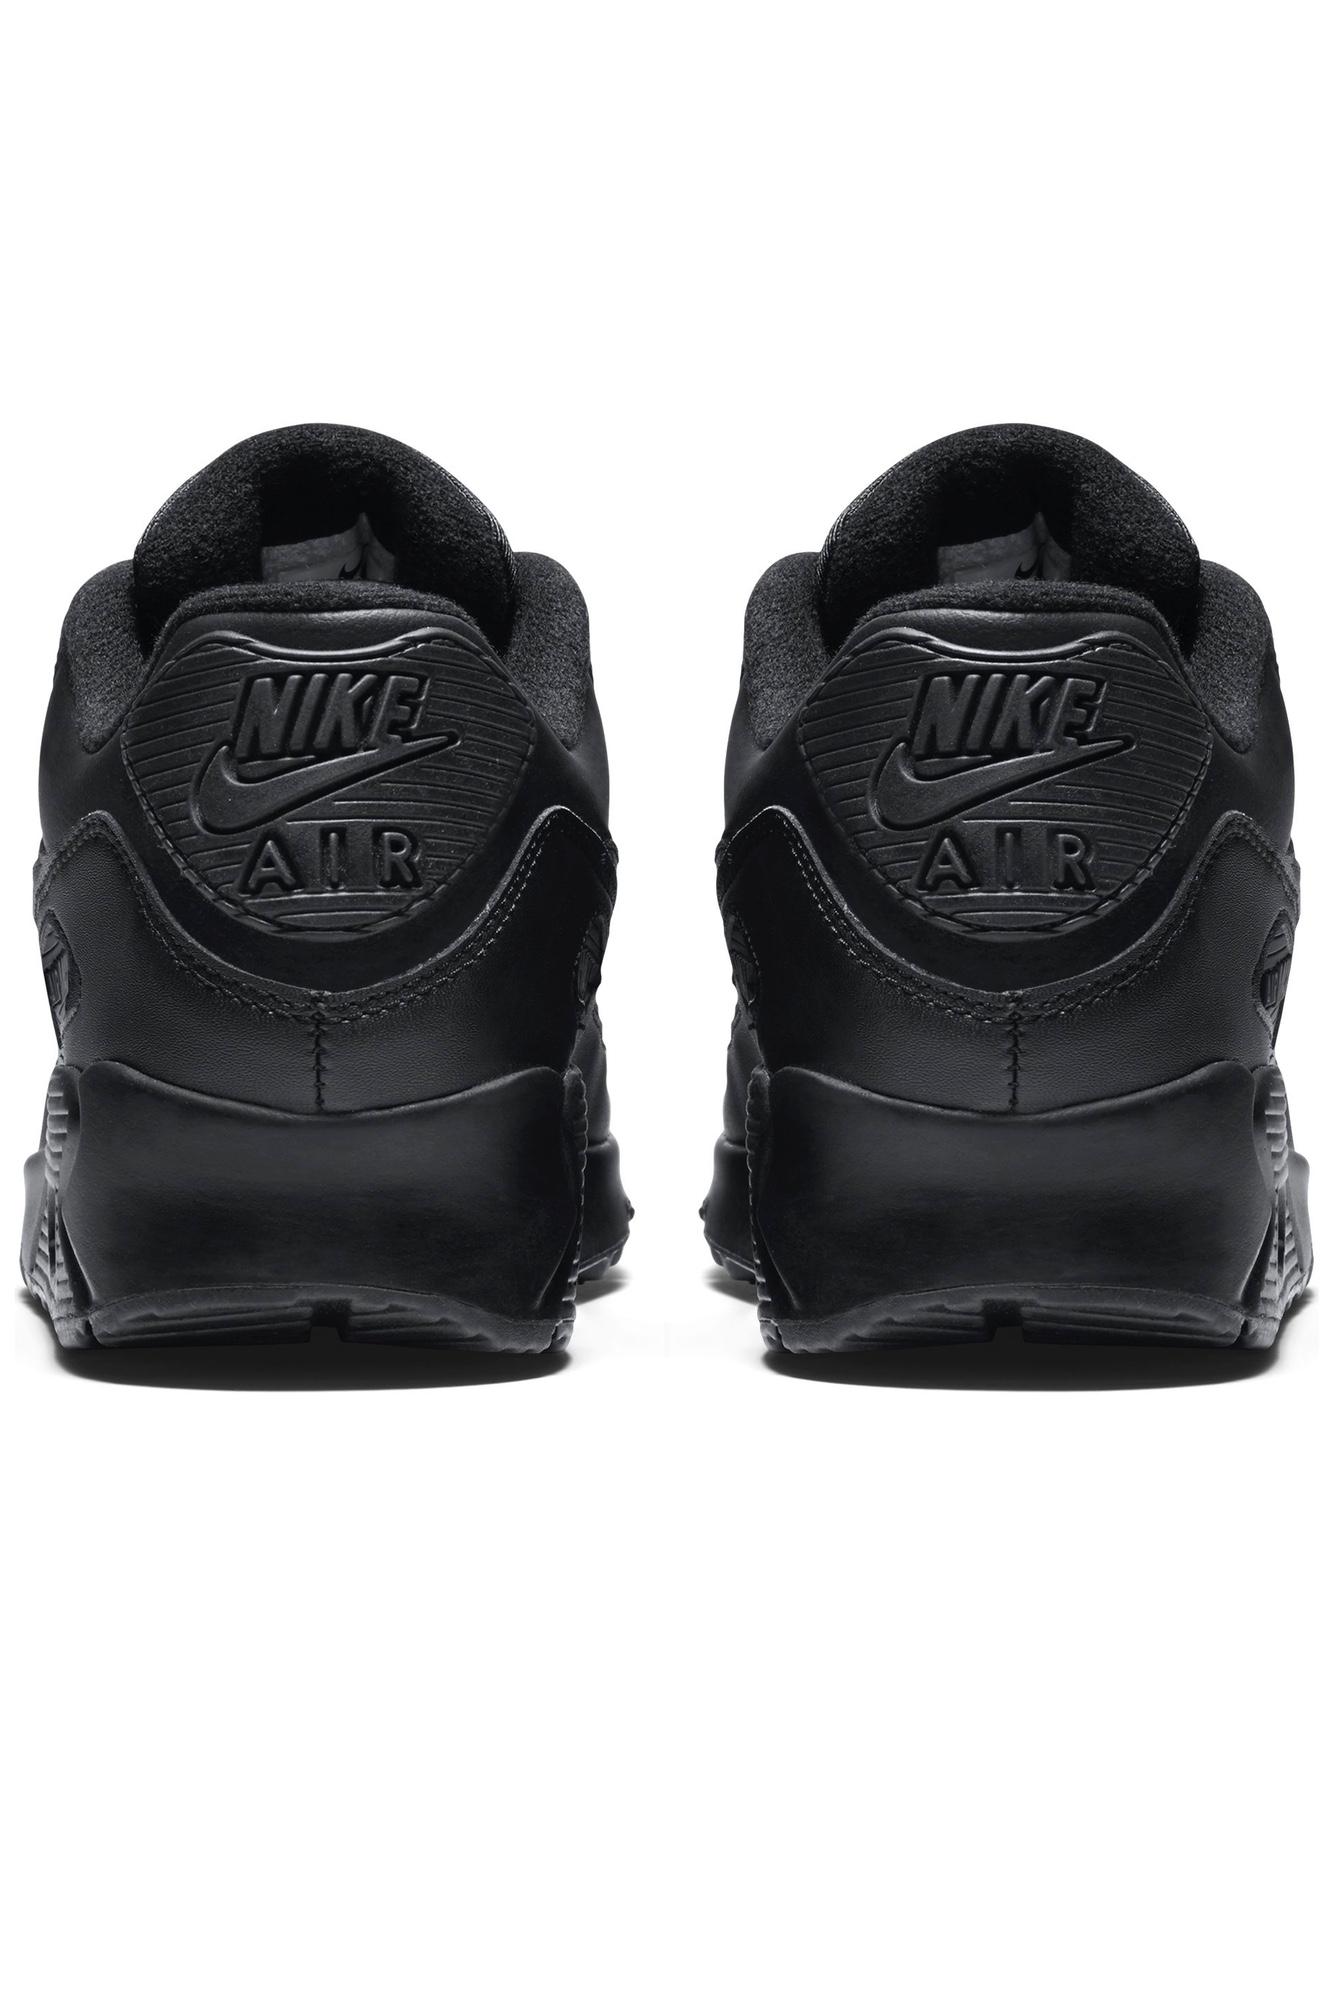 buty temperamentu 50% ceny sklep w Wielkiej Brytanii Buty Nike Air Max 90 Leather